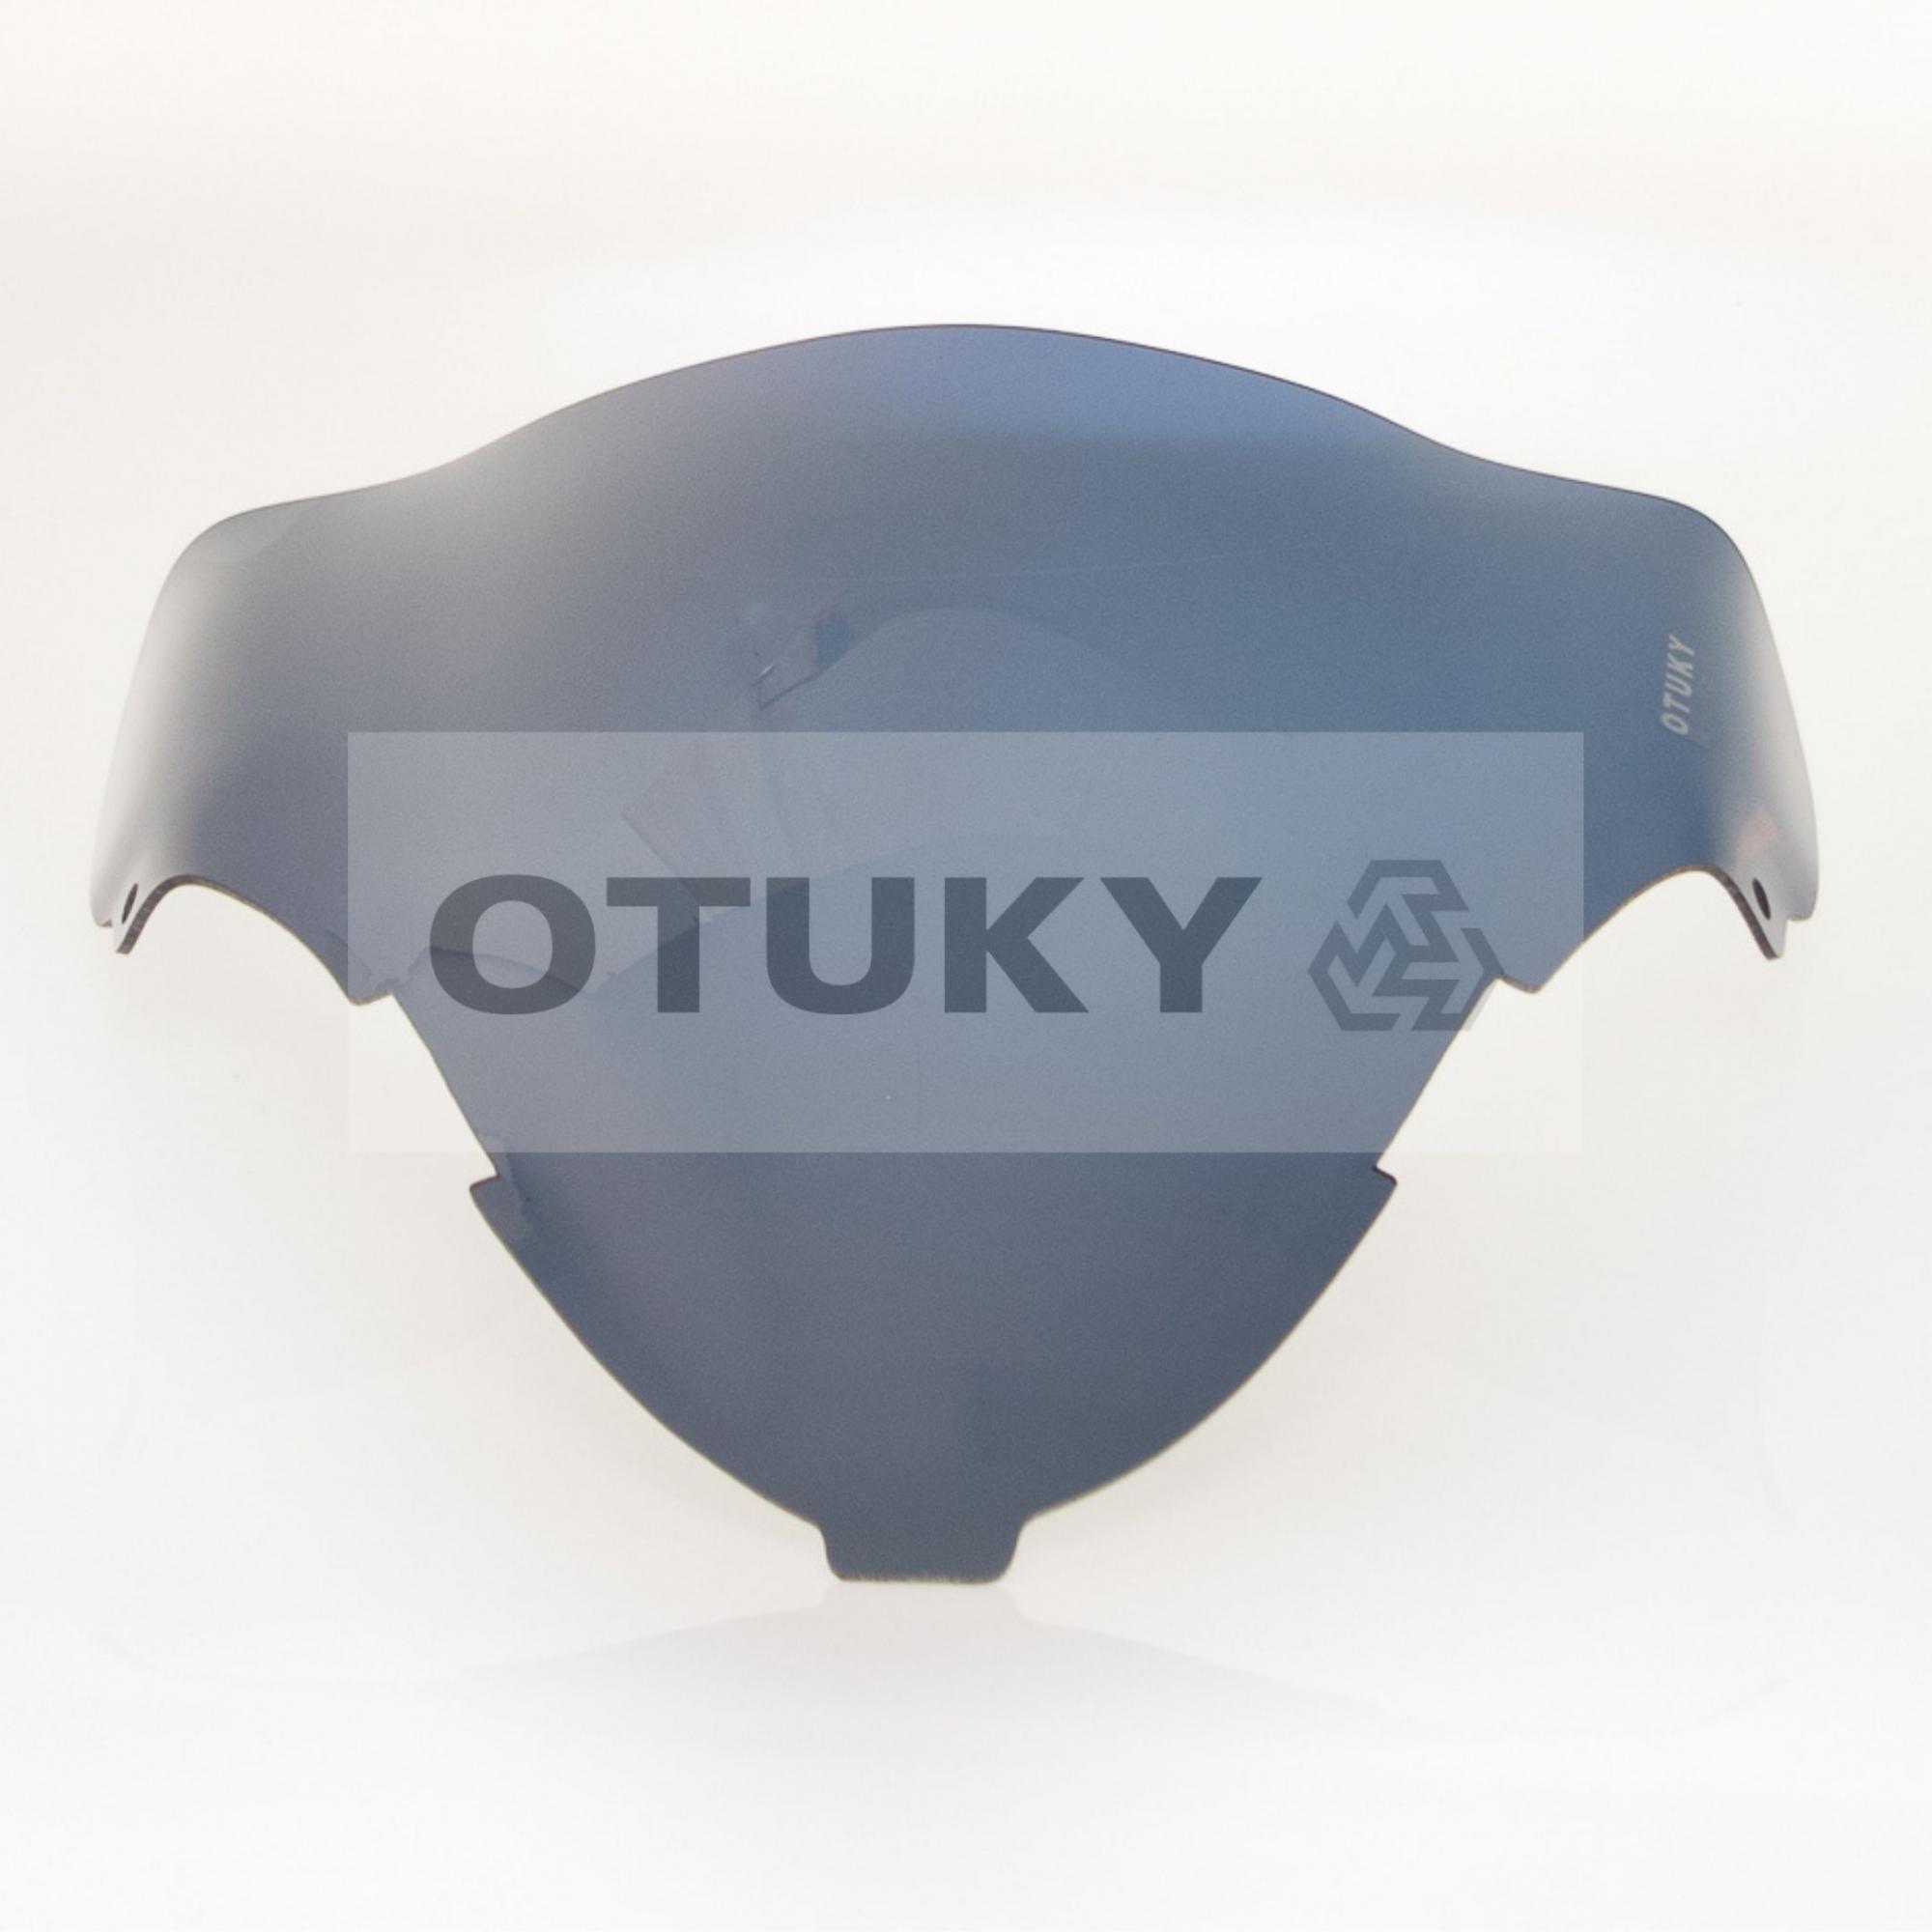 Bolha para Moto Hayabusa GSX 1300 R 1999 2000 2001 2002 2003 2004 2005 2006 2007